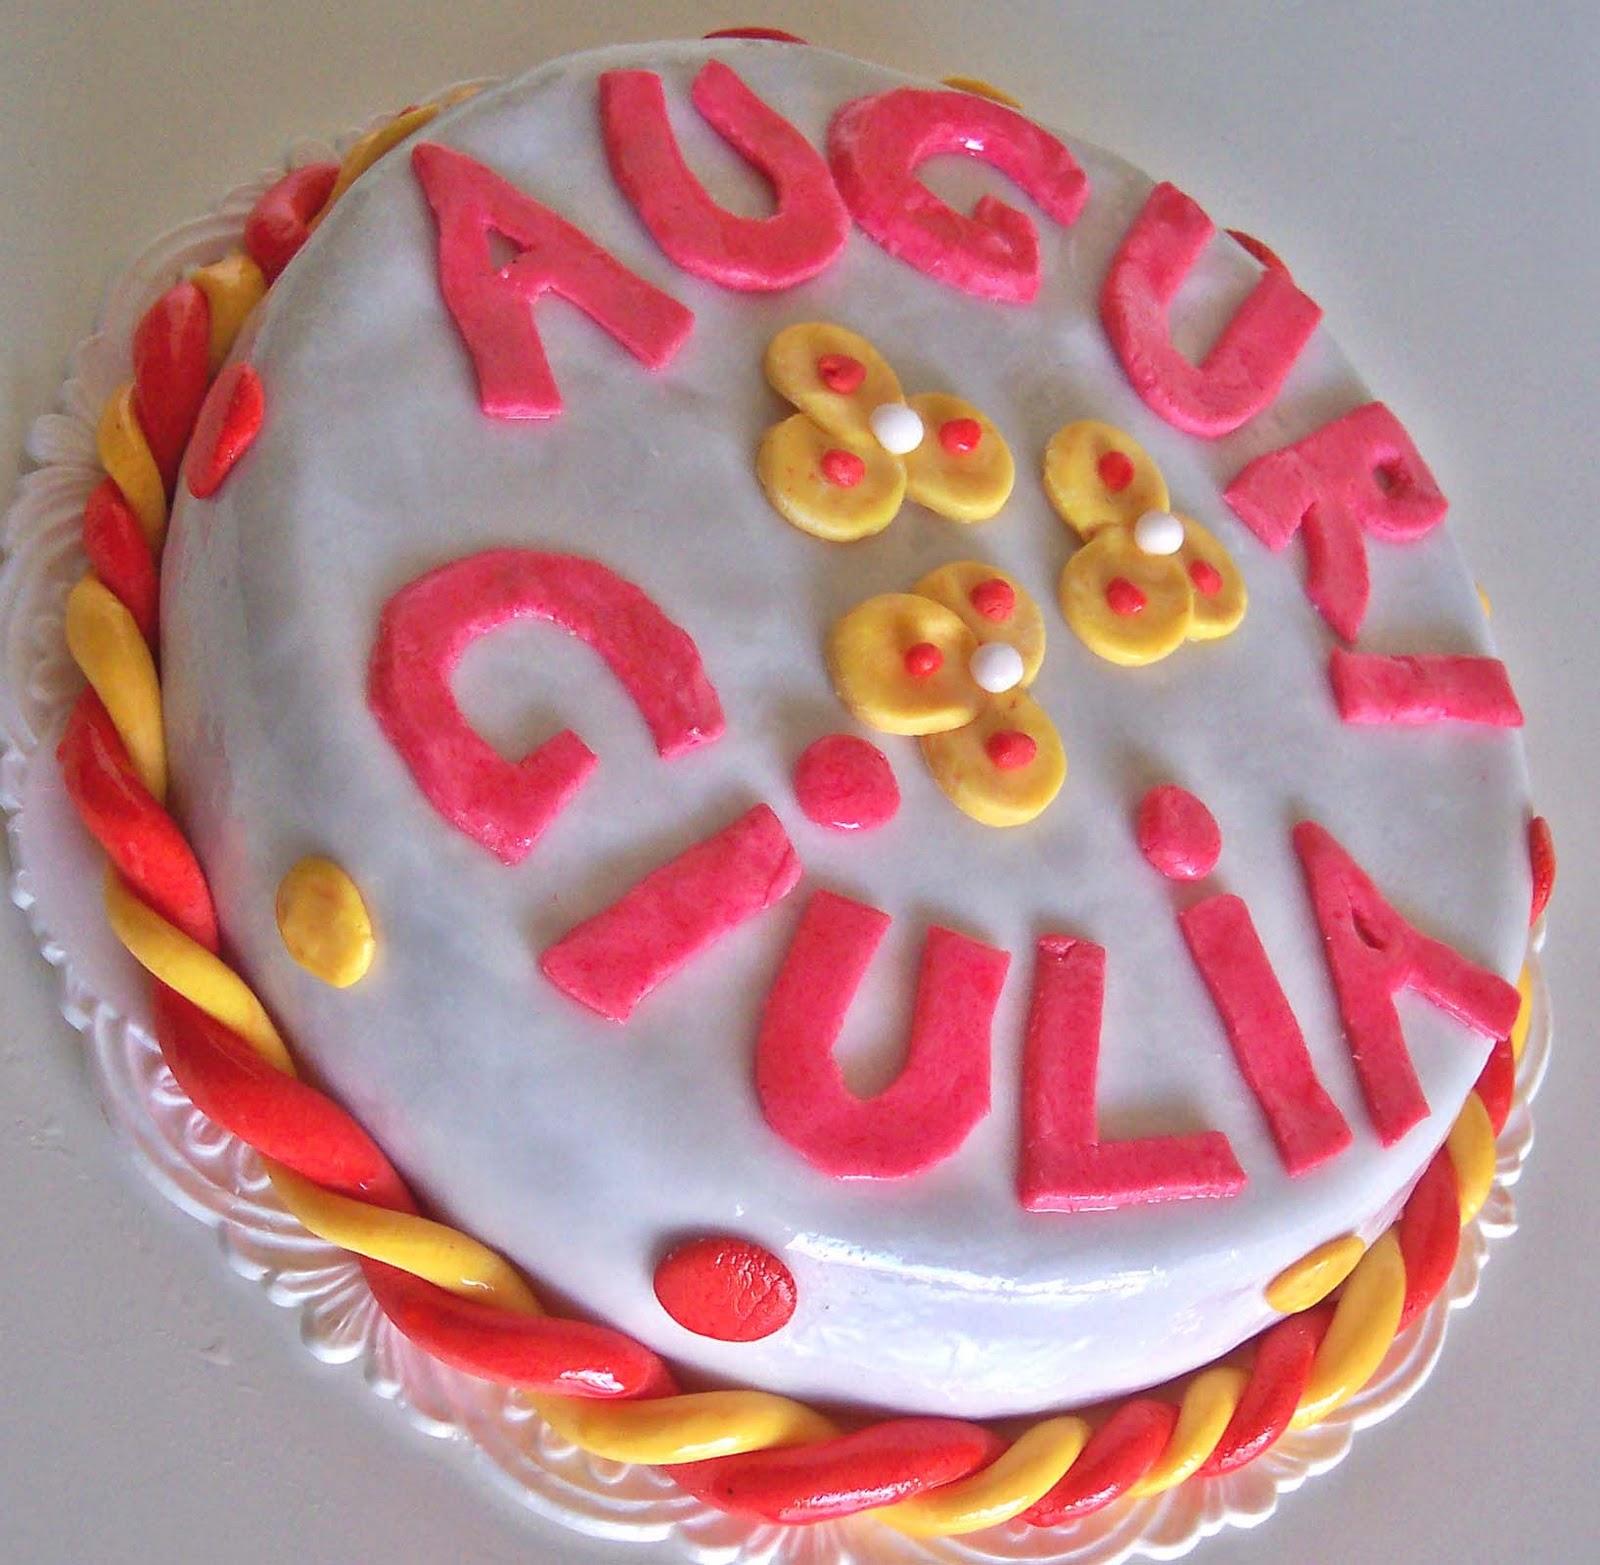 Torta di compleanno decorata   La cassata celiaca